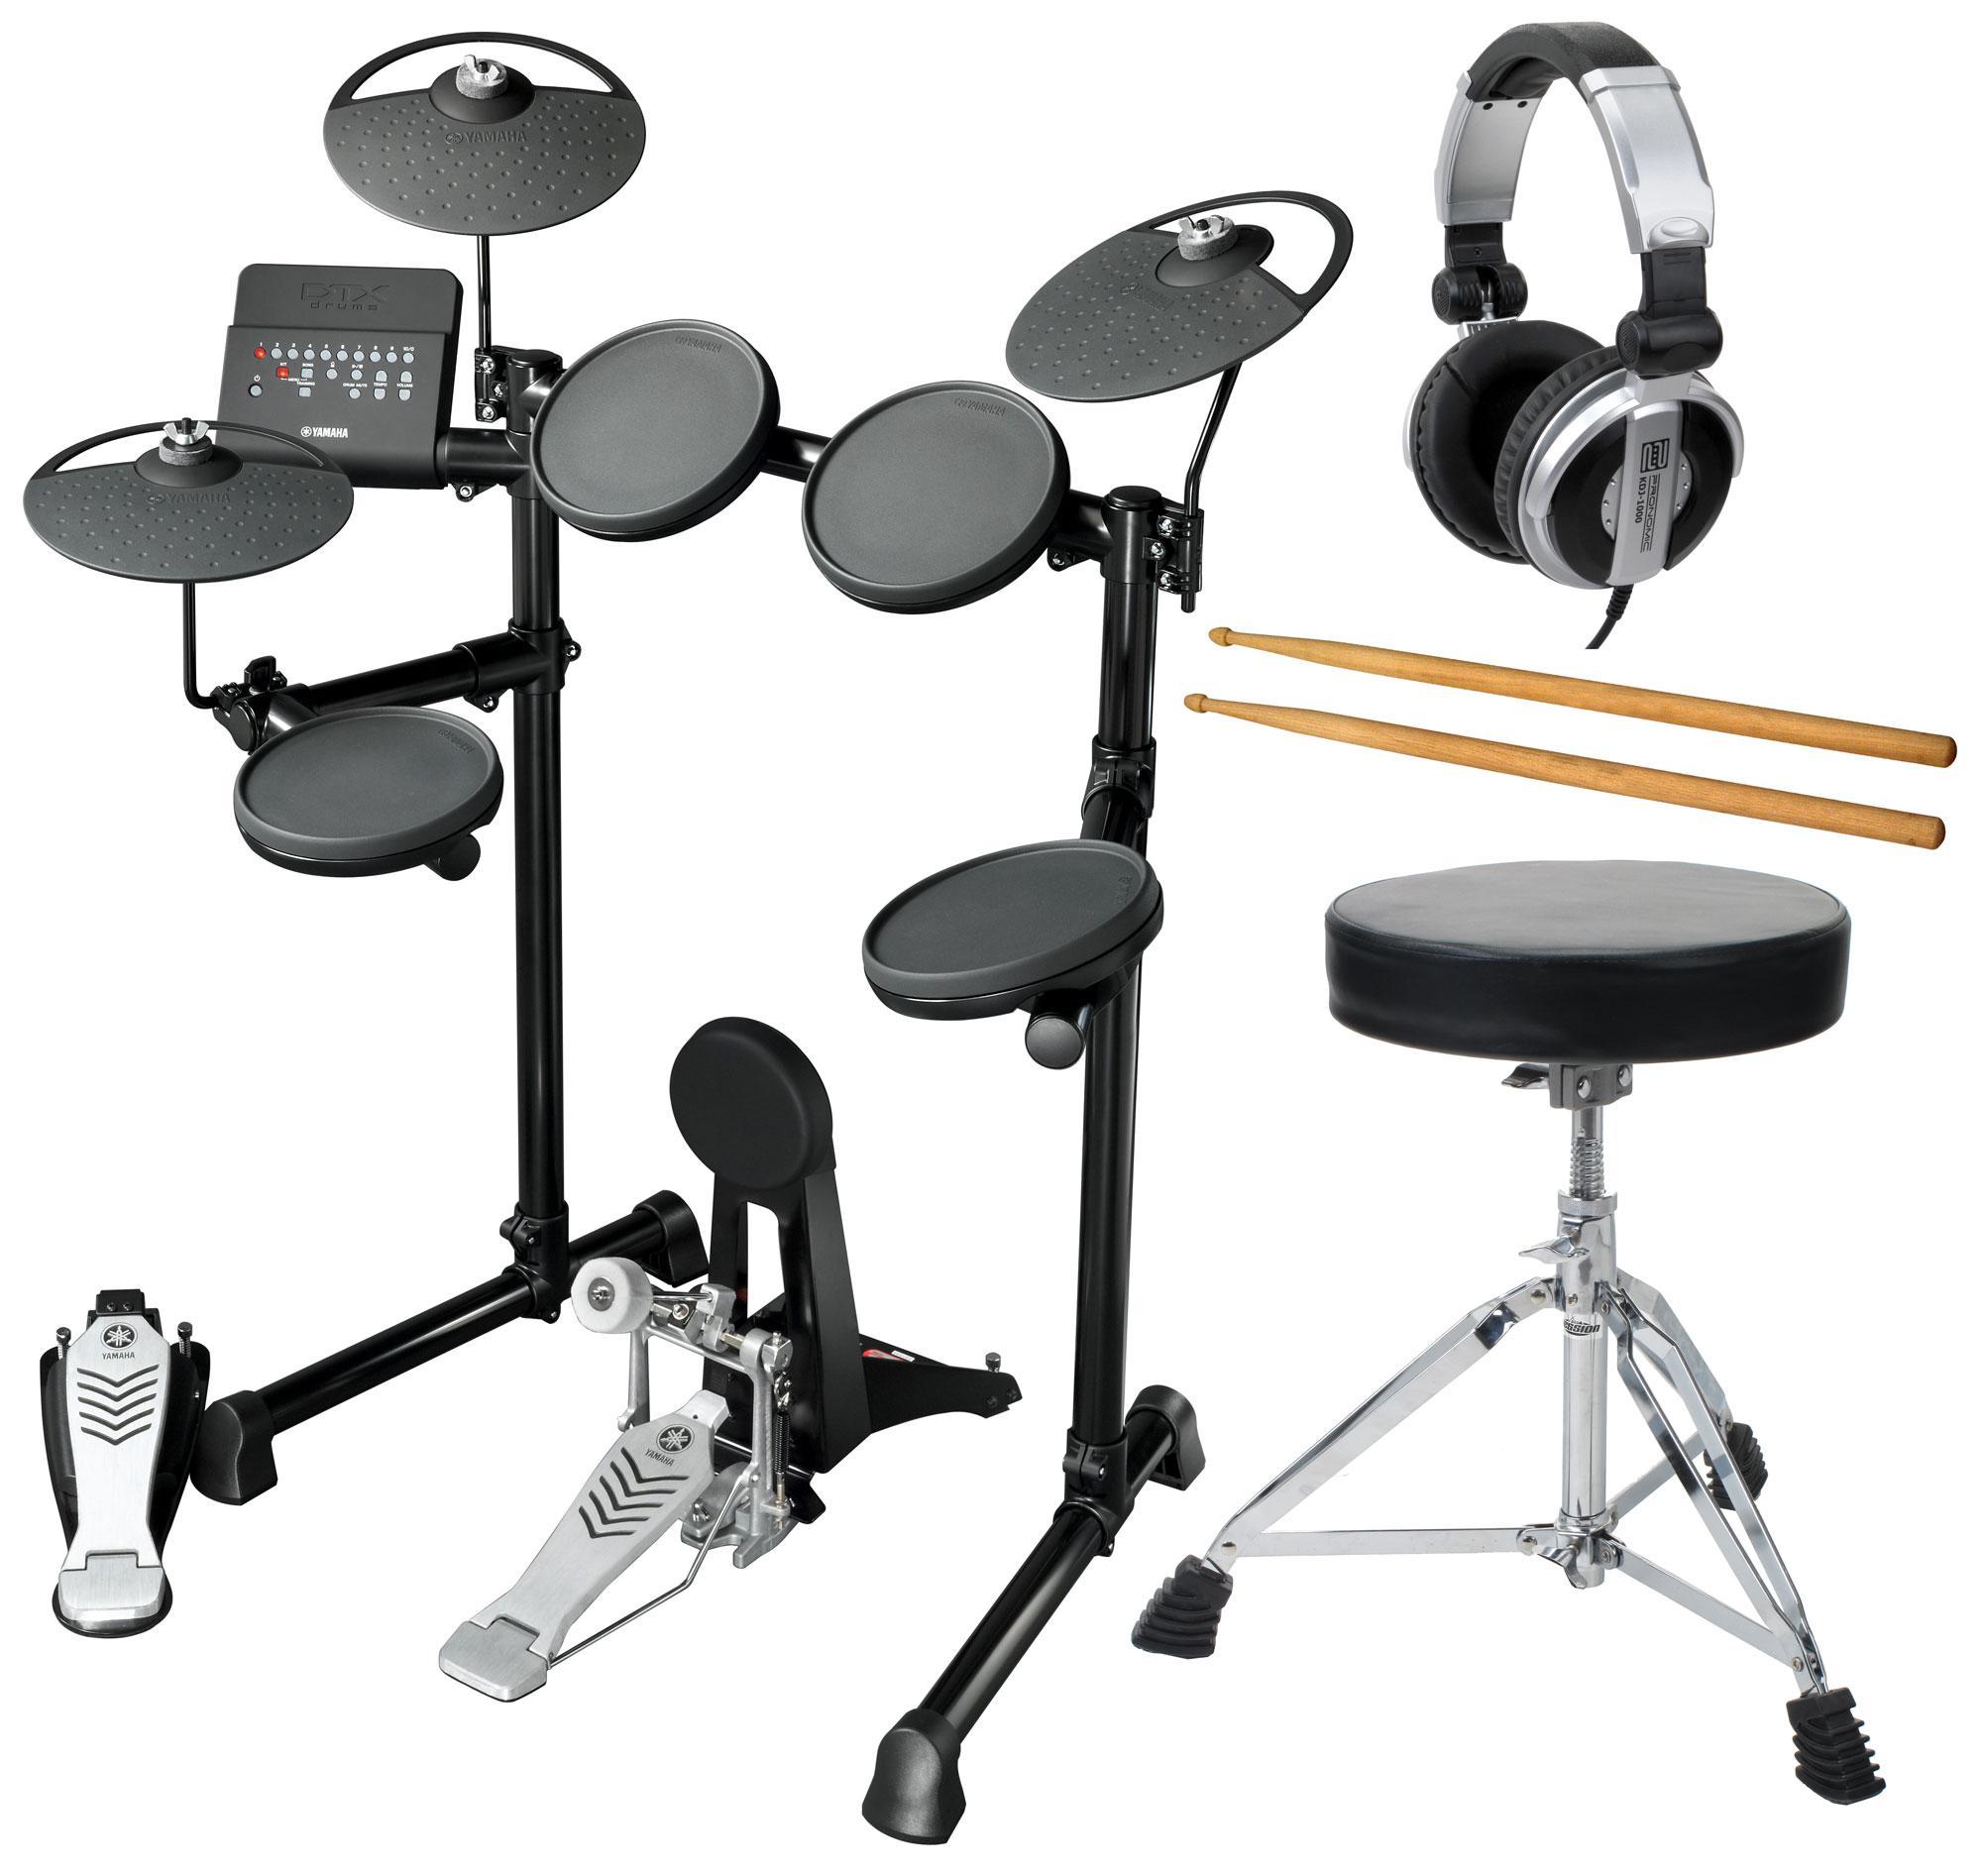 Yamaha DTX430K Compact E Drum Komplettset inkl. Hocker, Kopfhörer Sticks